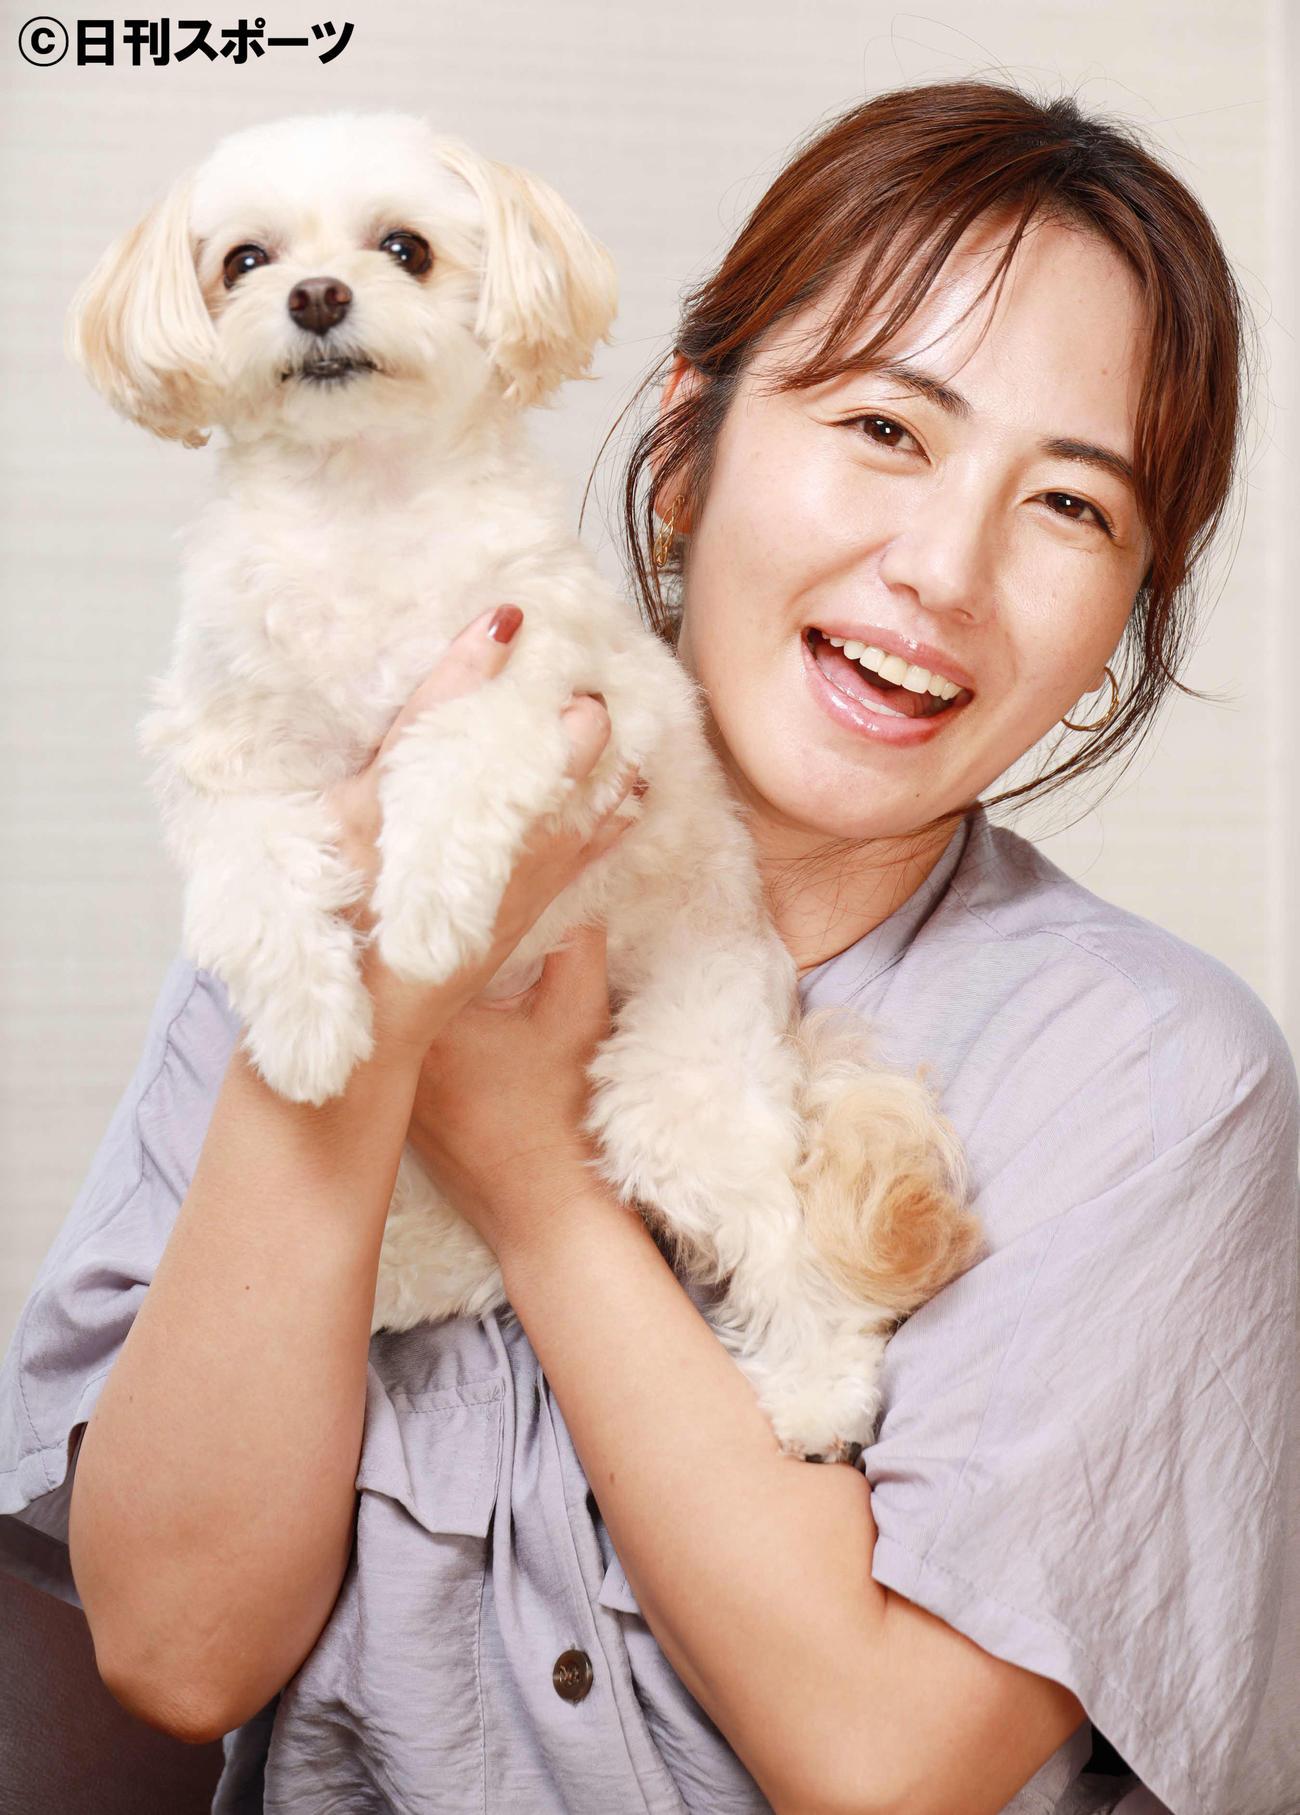 愛犬リリーを抱き笑顔を見せる磯山さやか